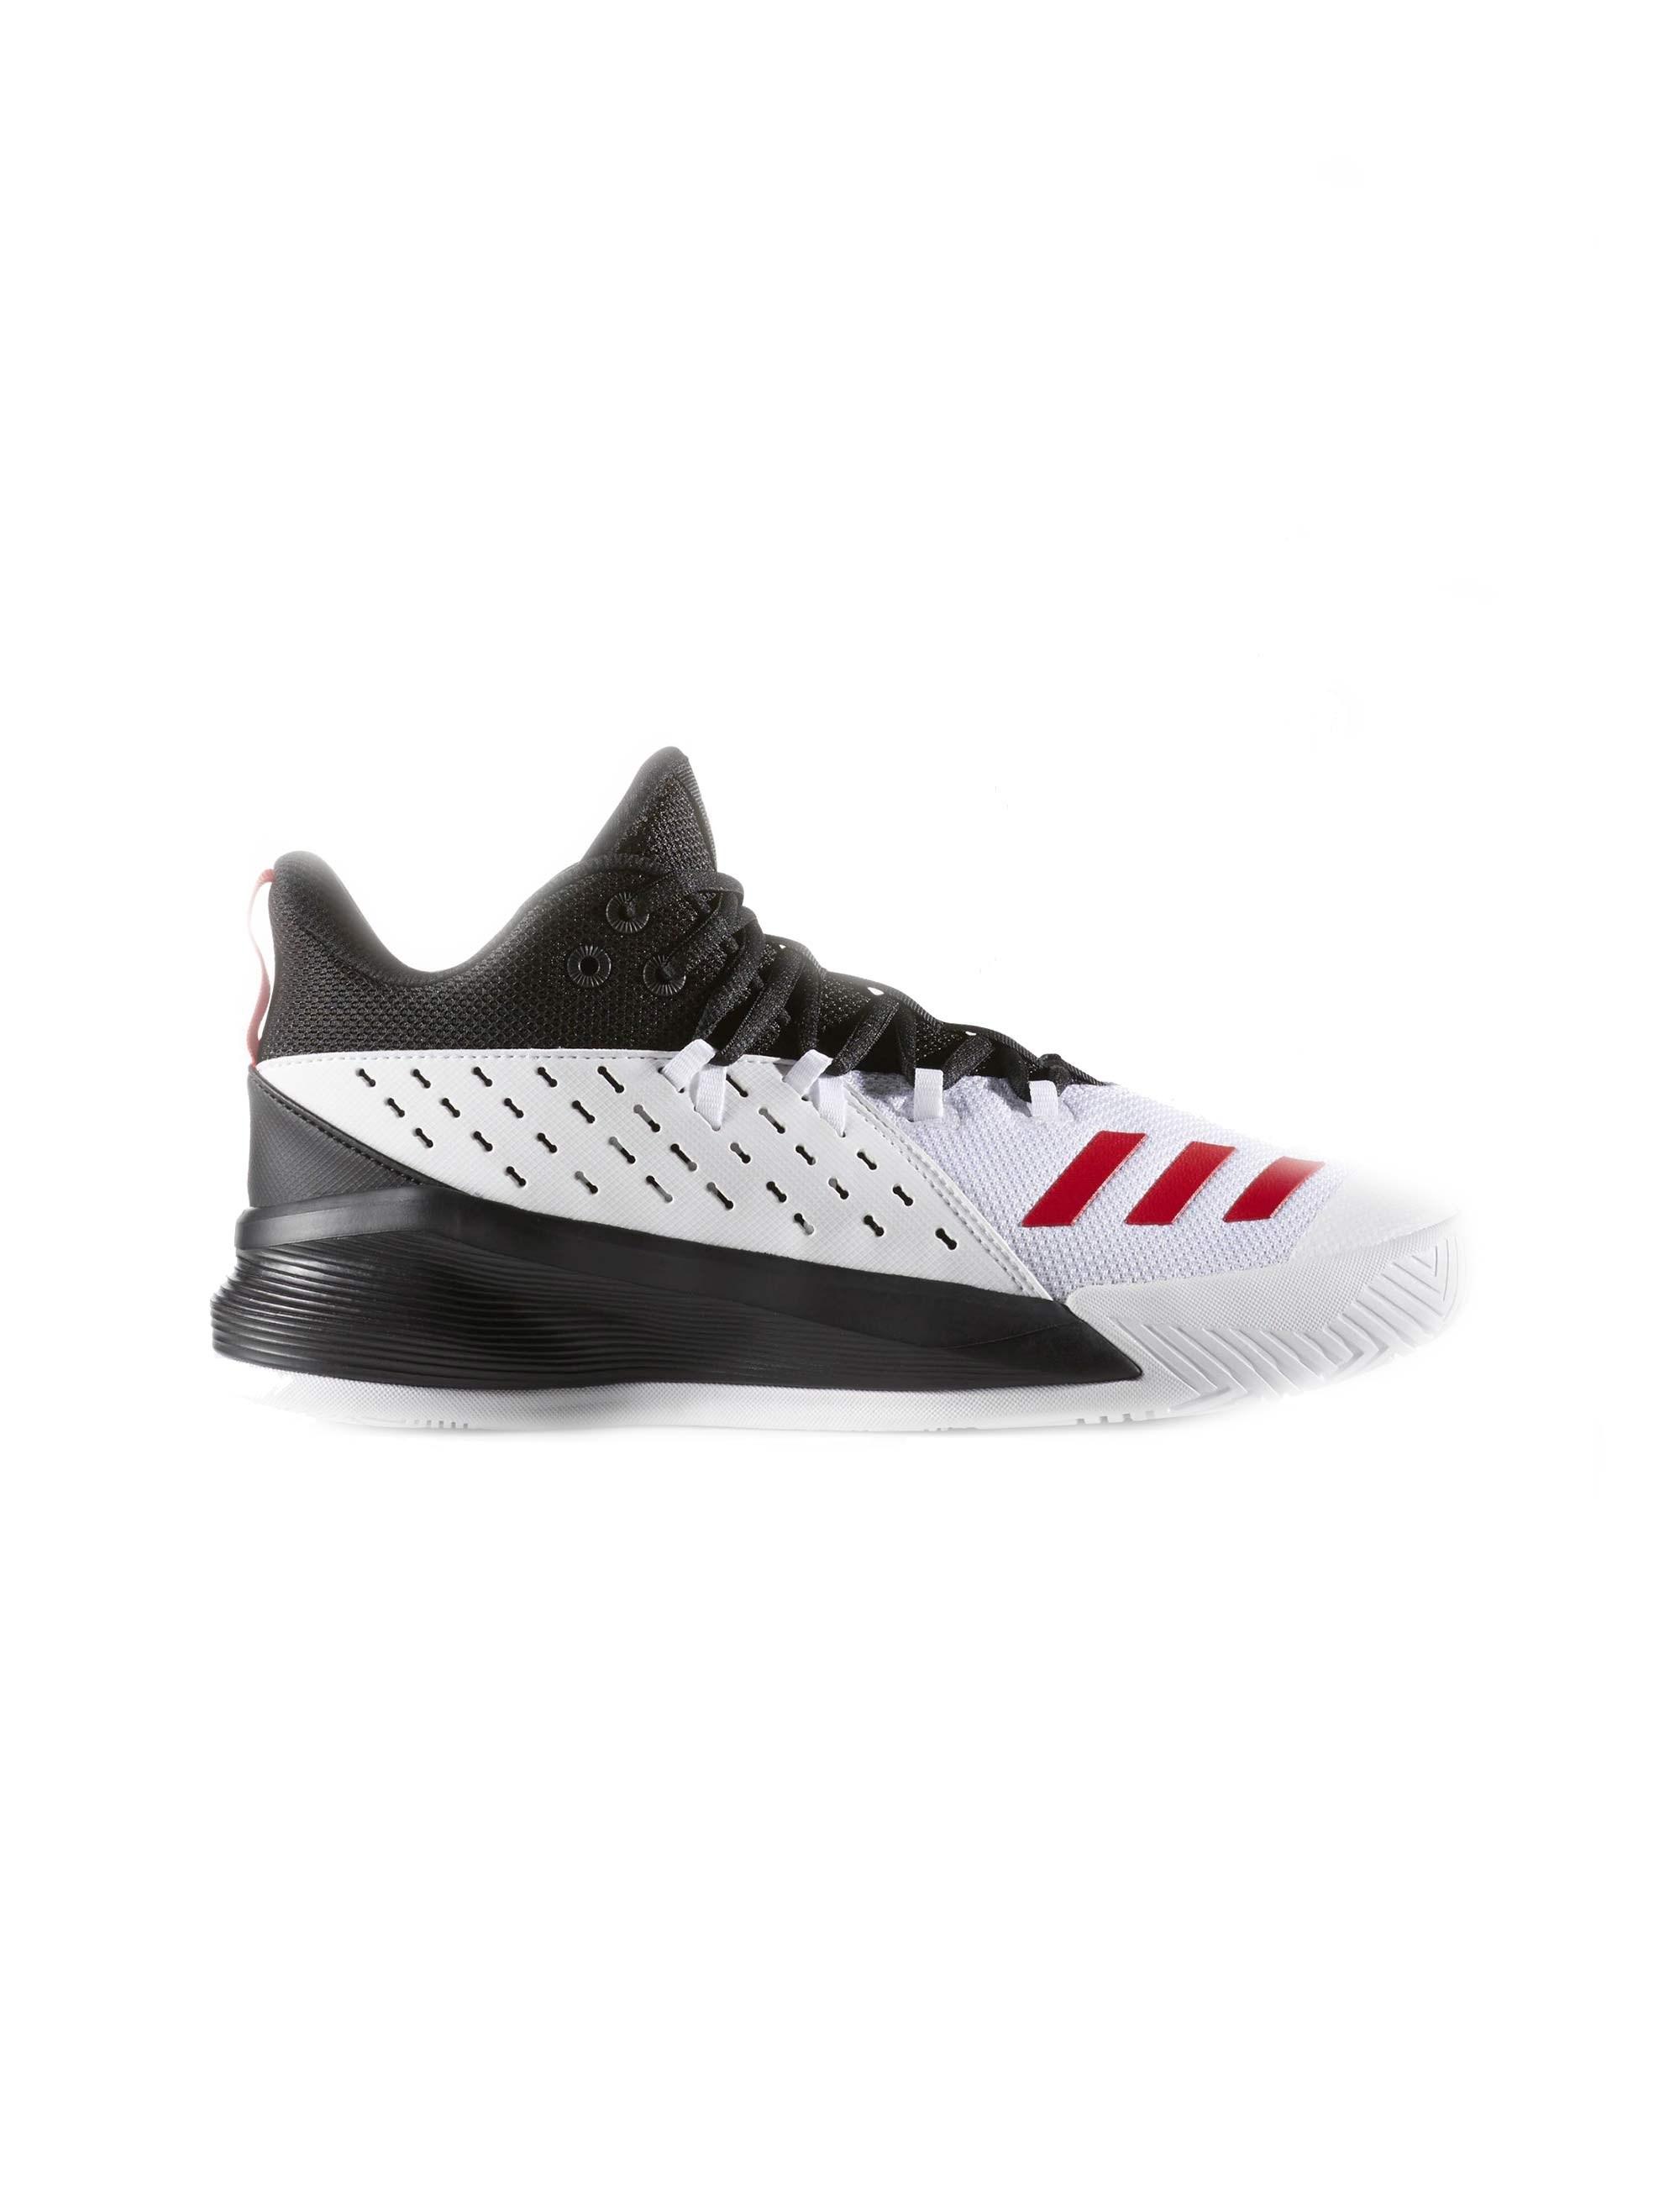 کفش بسکتبال بندی مردانه monochrome Street Jam 3 - آدیداس